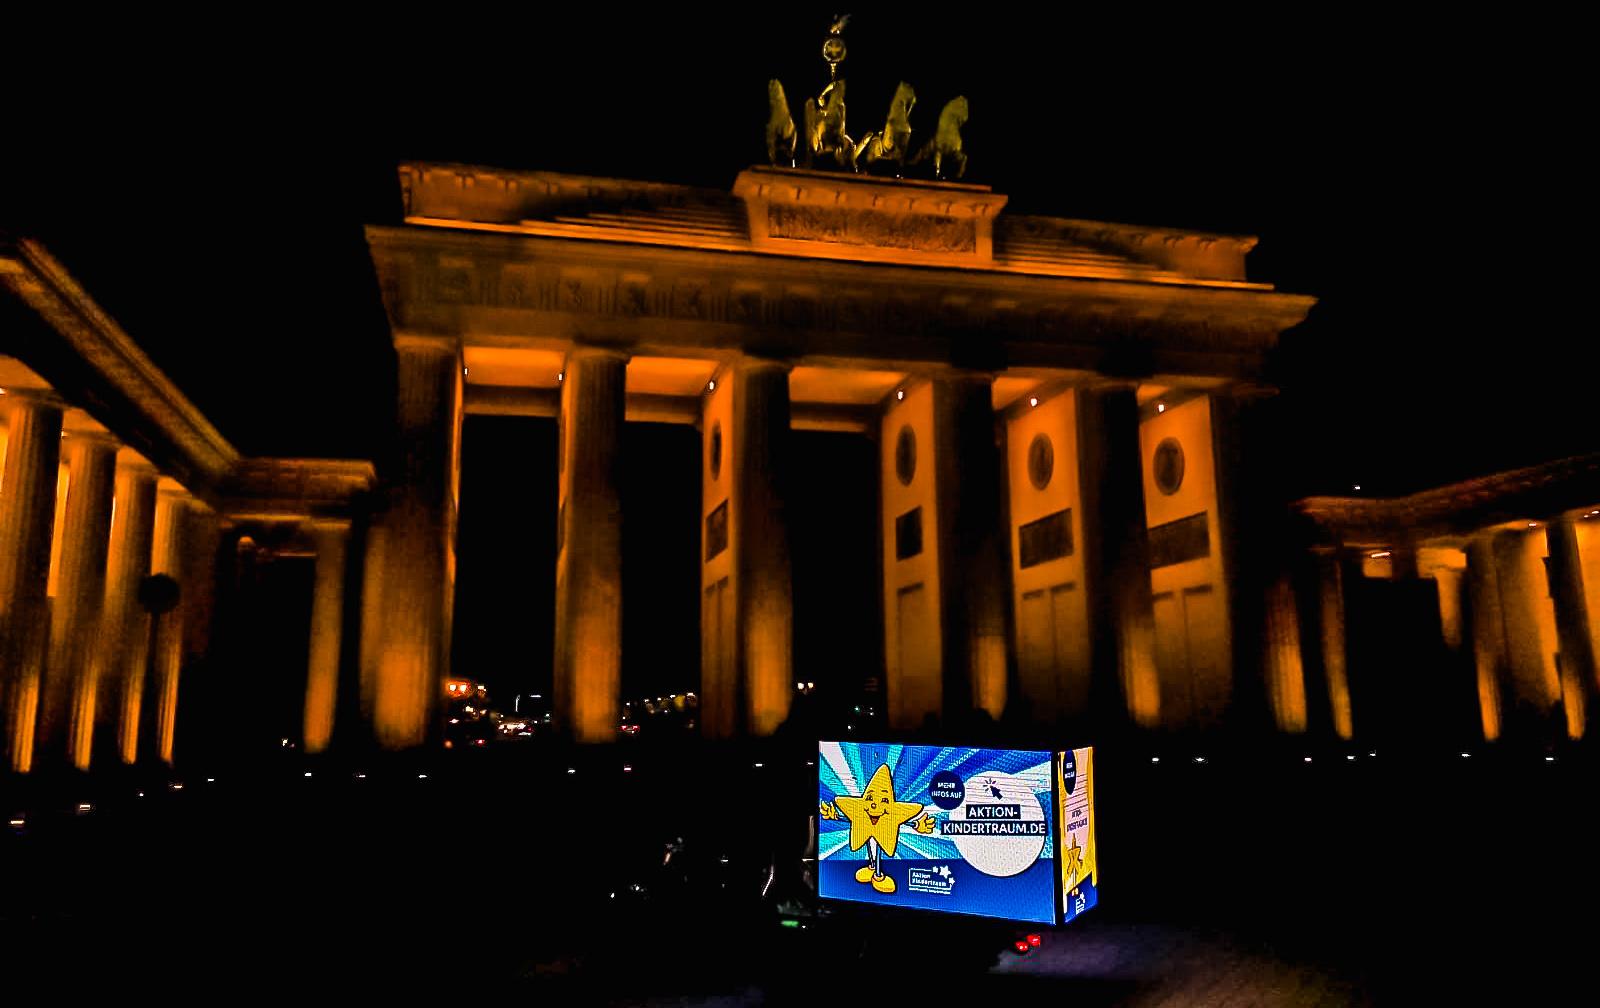 Aktion Kindertraum Blog Brandenburger Tor Amber - Tolle Aktion für Aktion Kindertraum: Neun Vermarkter werben gratis für uns!